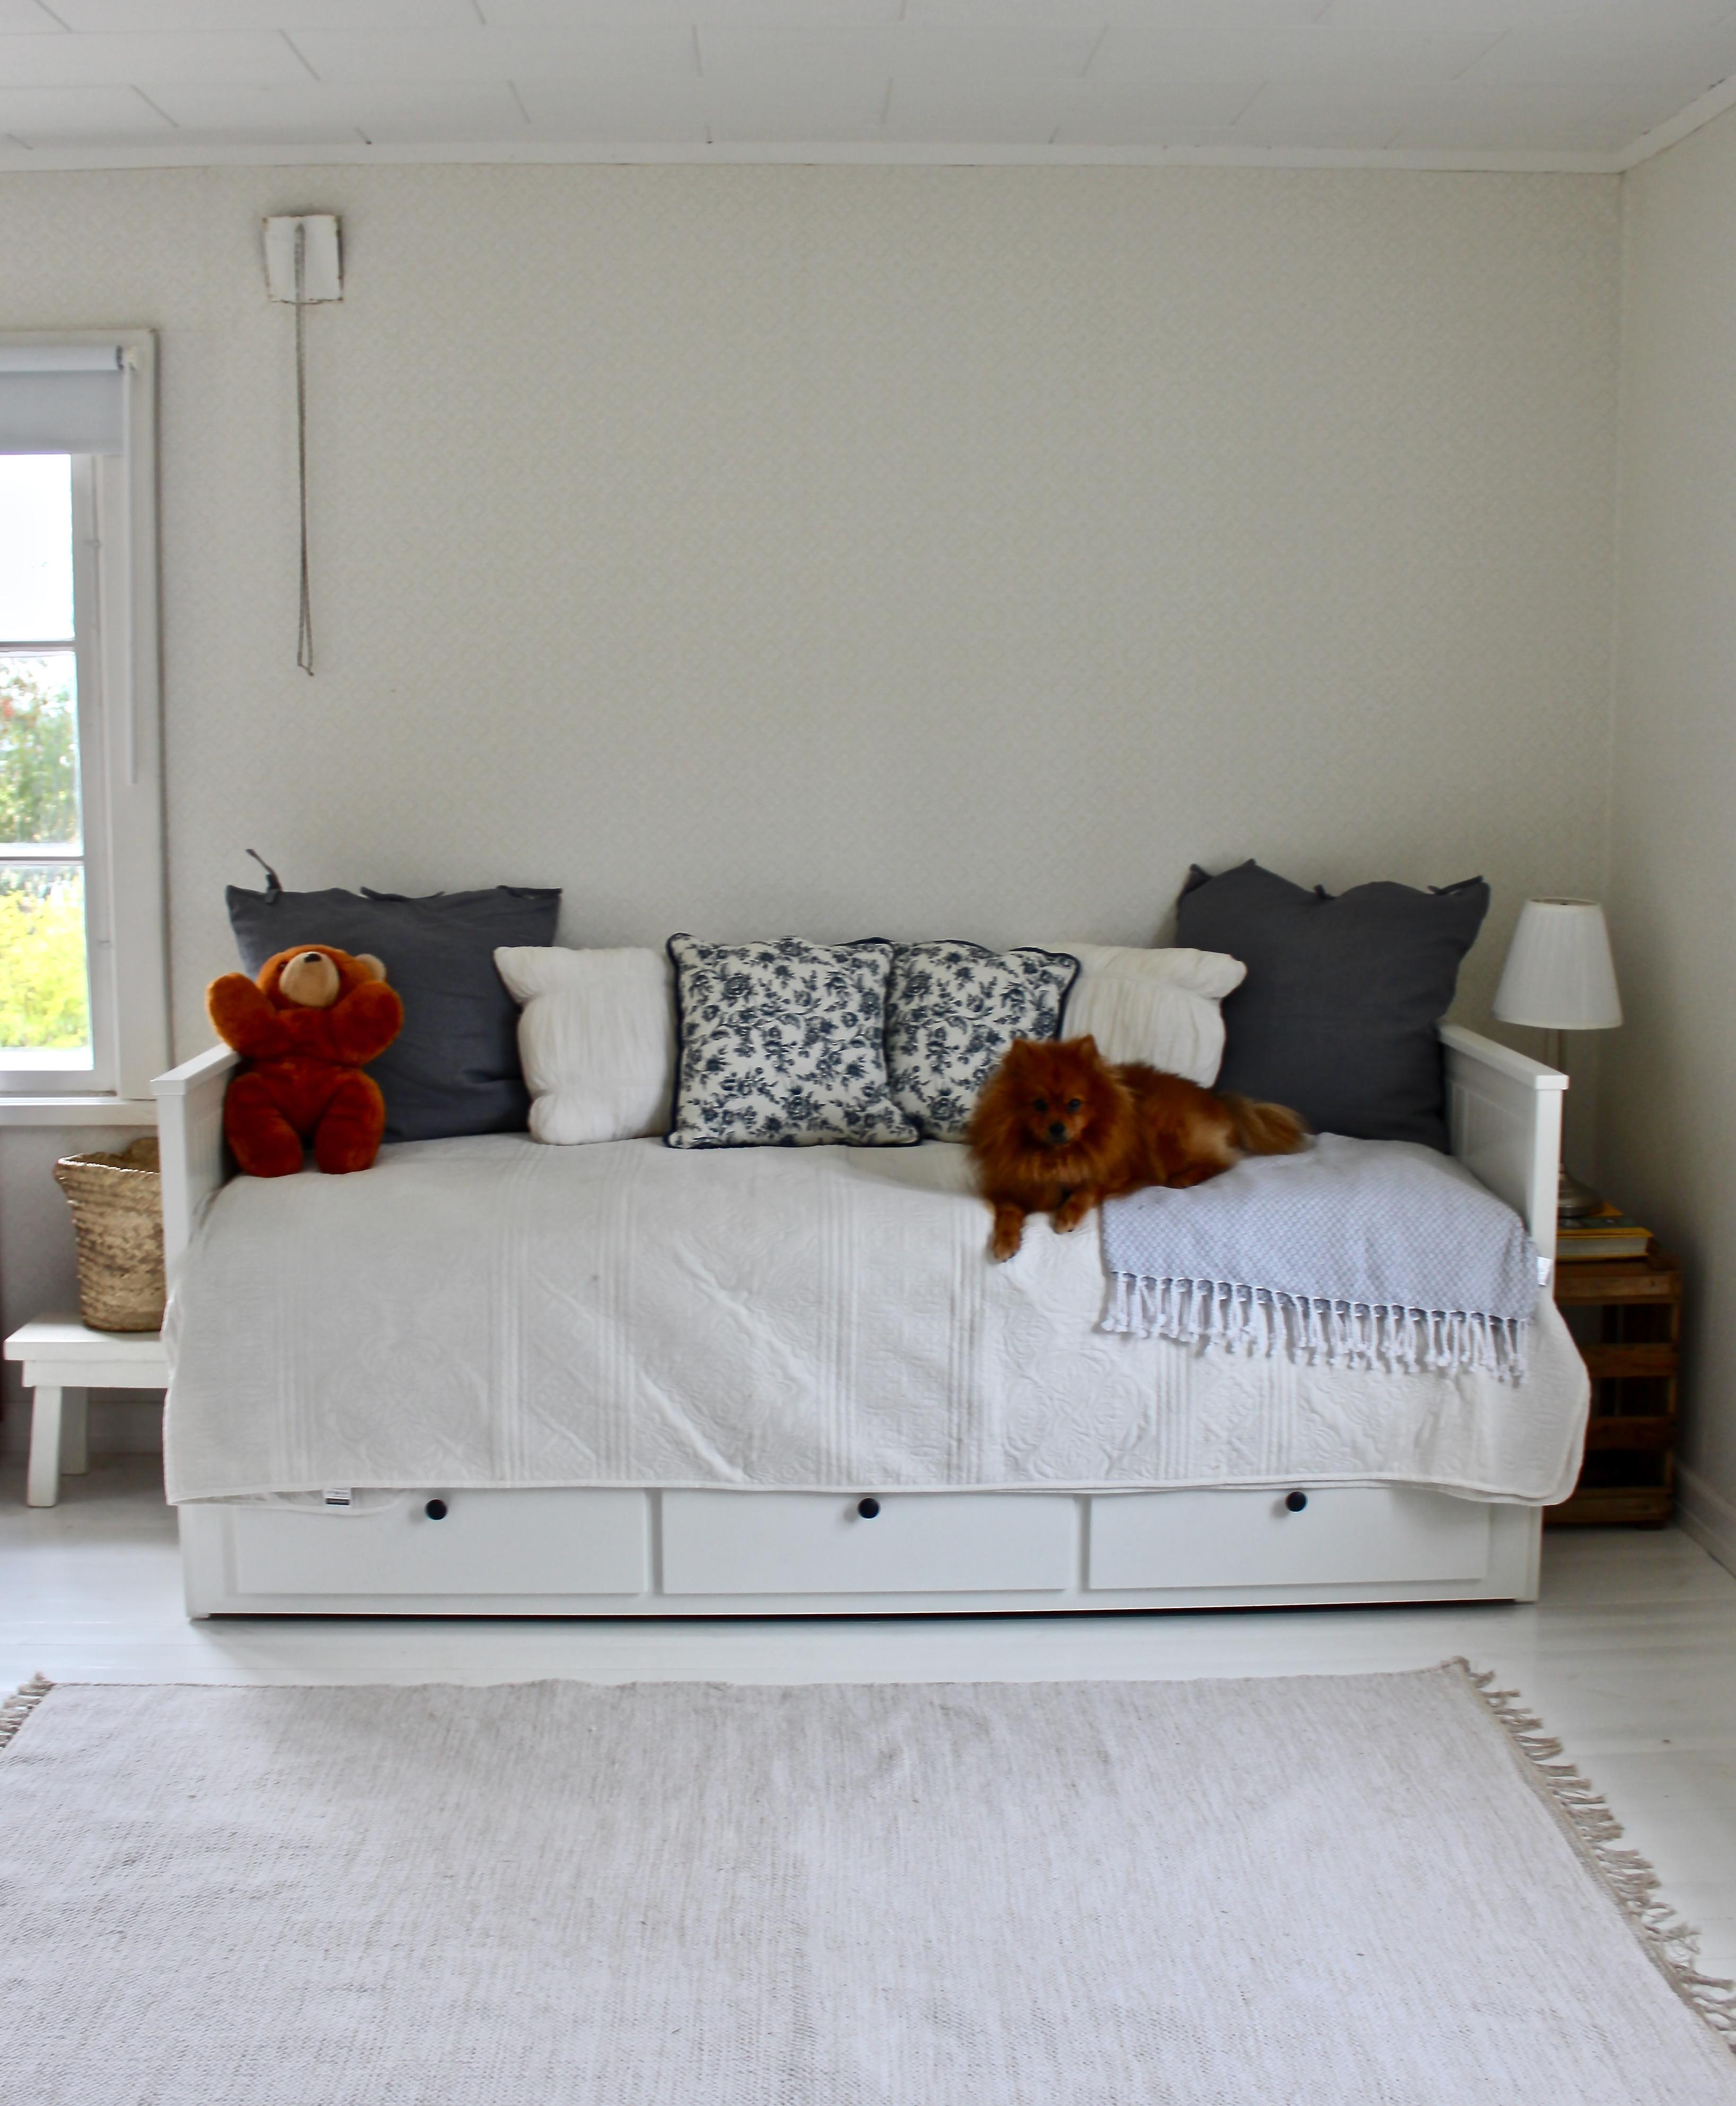 Mökin uusi sohvasänky ja muita sisustuskuulumisia